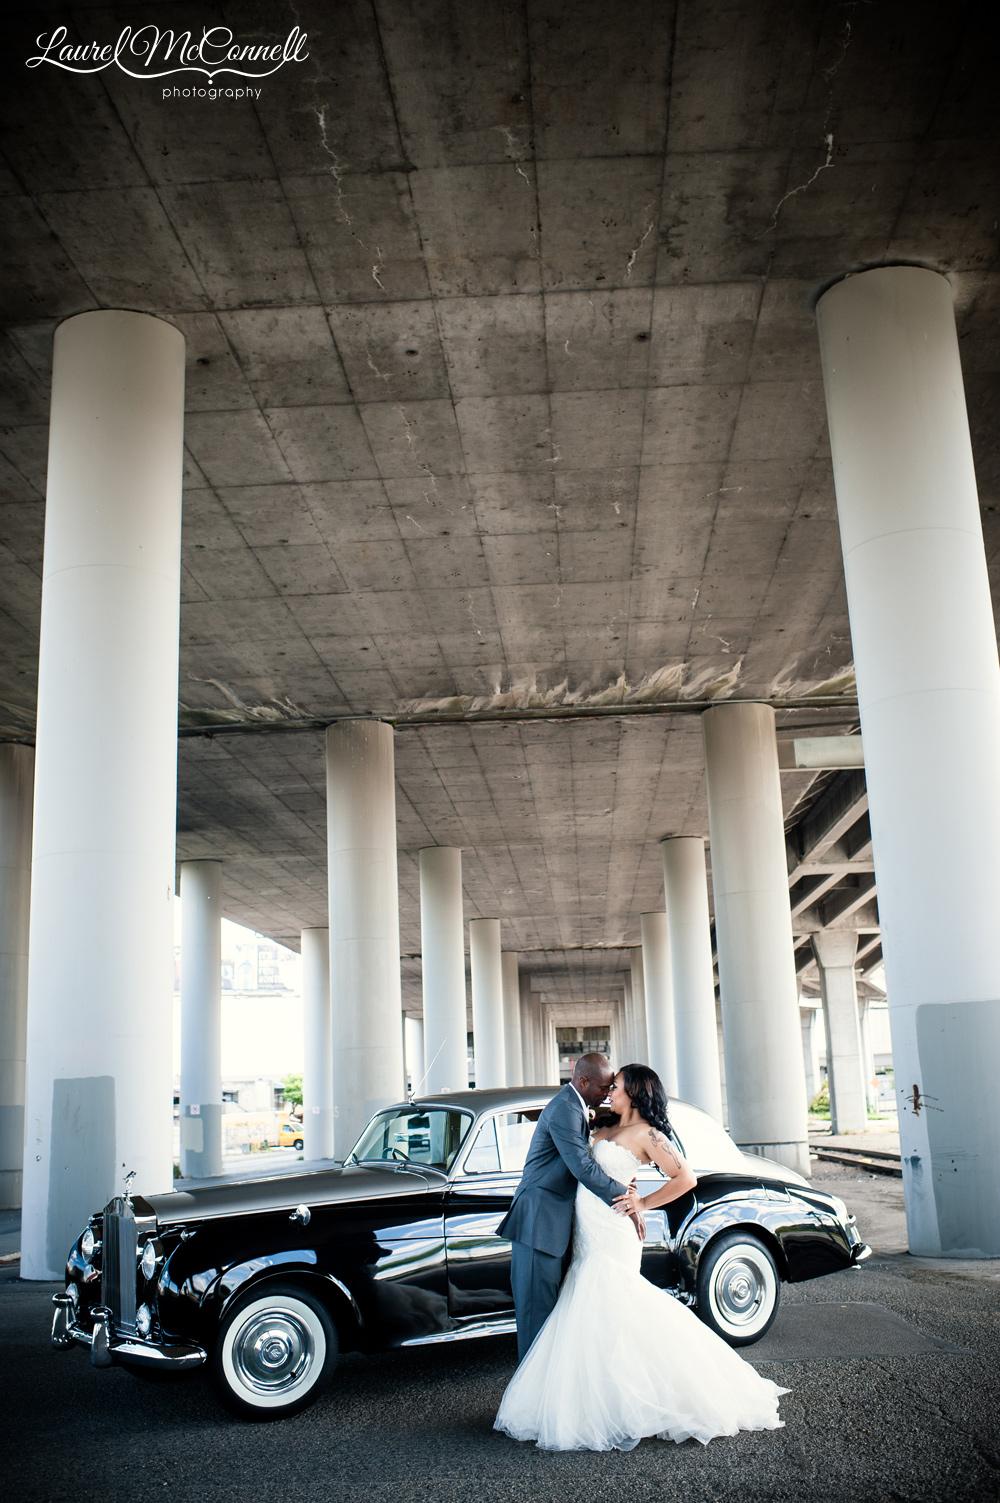 British Motor Coach wedding car